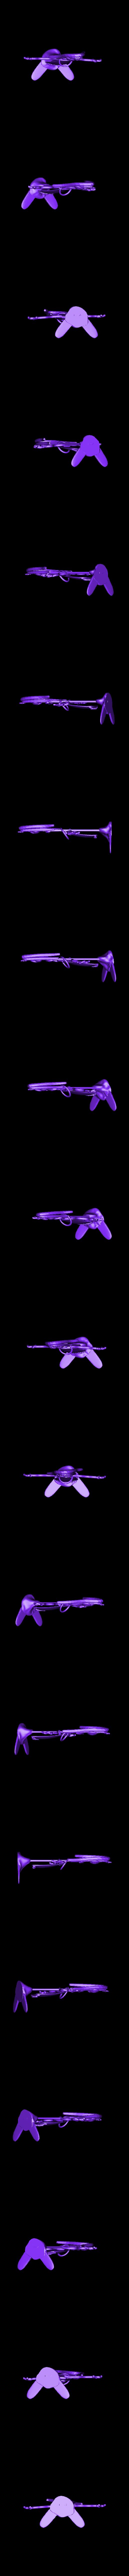 Knifey_v3.stl Télécharger fichier STL gratuit Couteau [Toy Story] • Plan à imprimer en 3D, Dream_it_Model_it